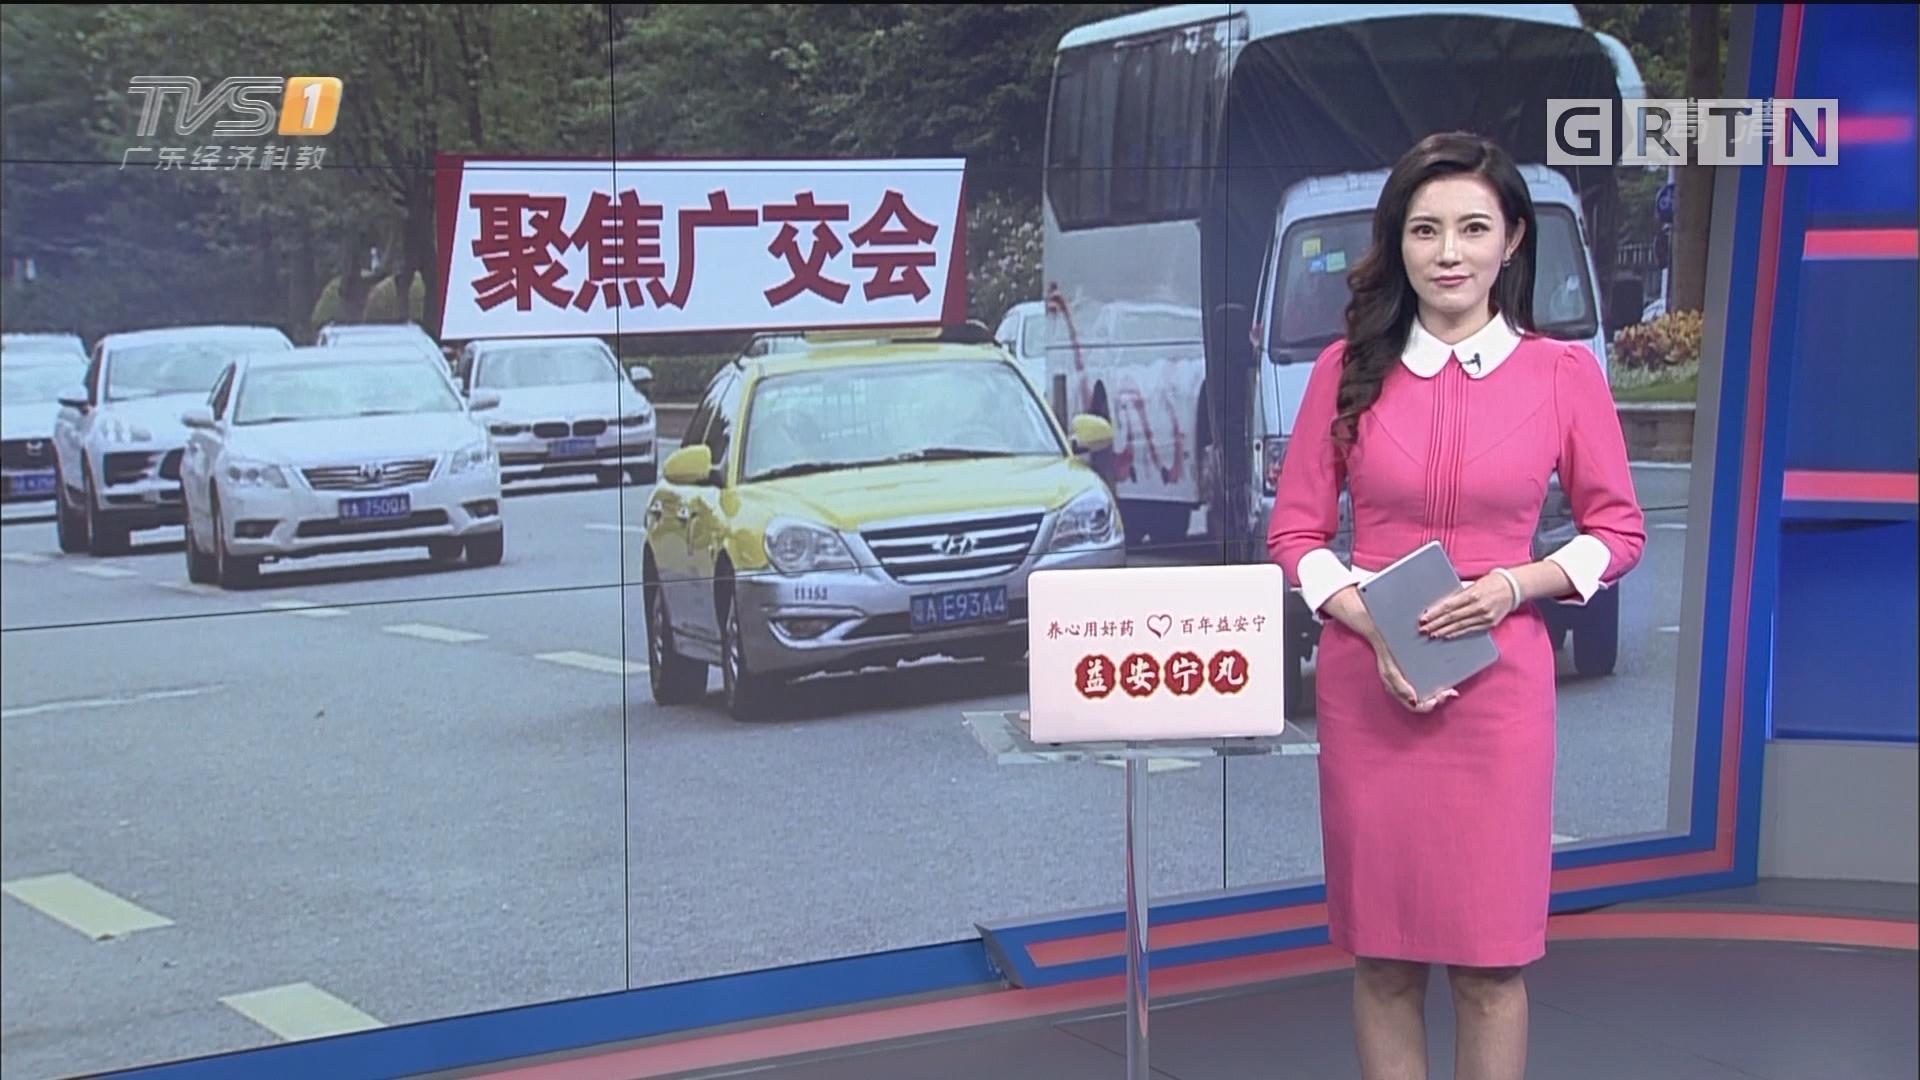 聚焦广交会:广州交警出动警力近500人次严管严控周边秩序